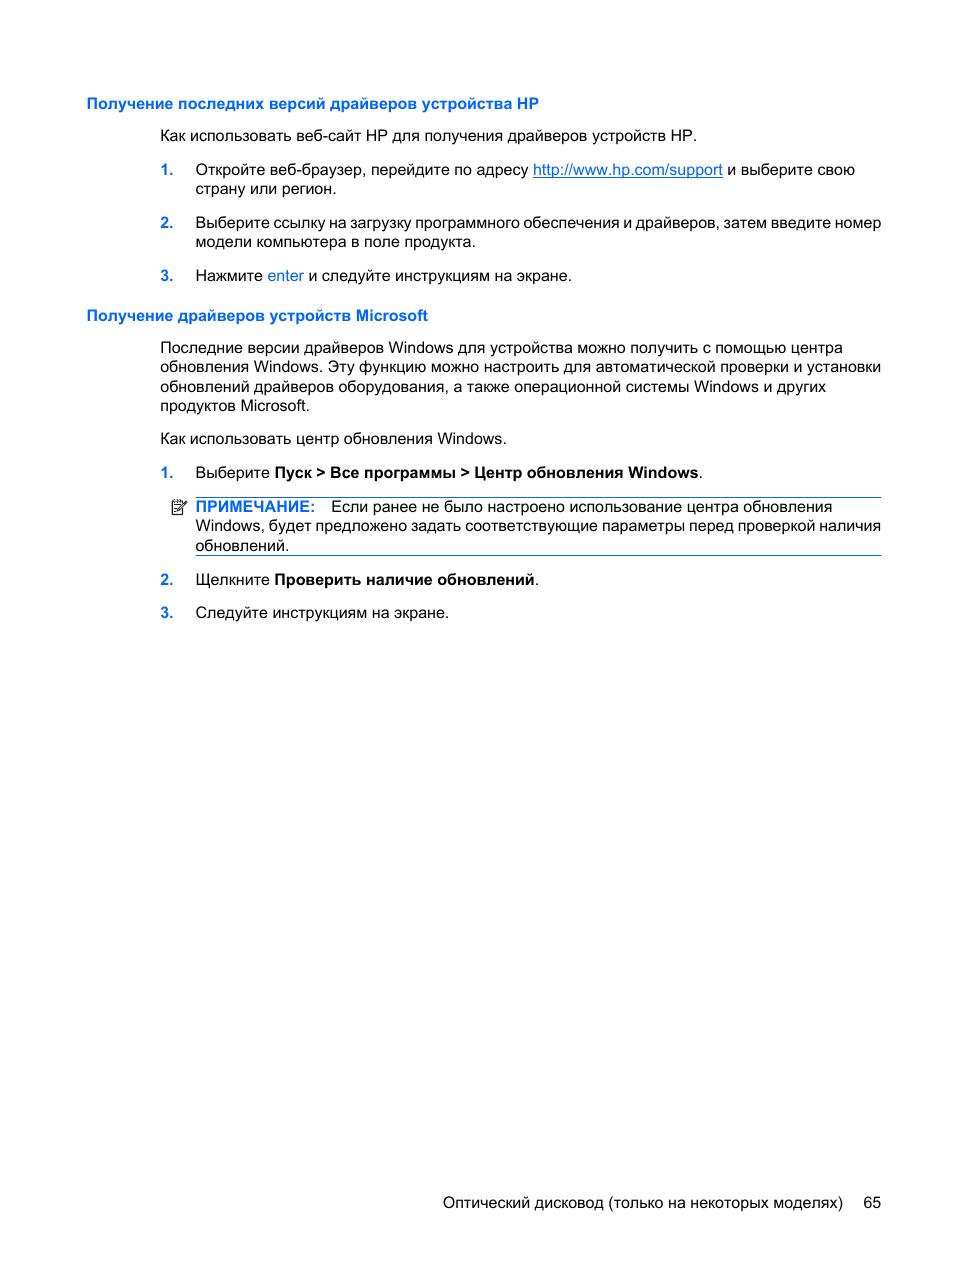 Программа обновления поиска и драйверов.